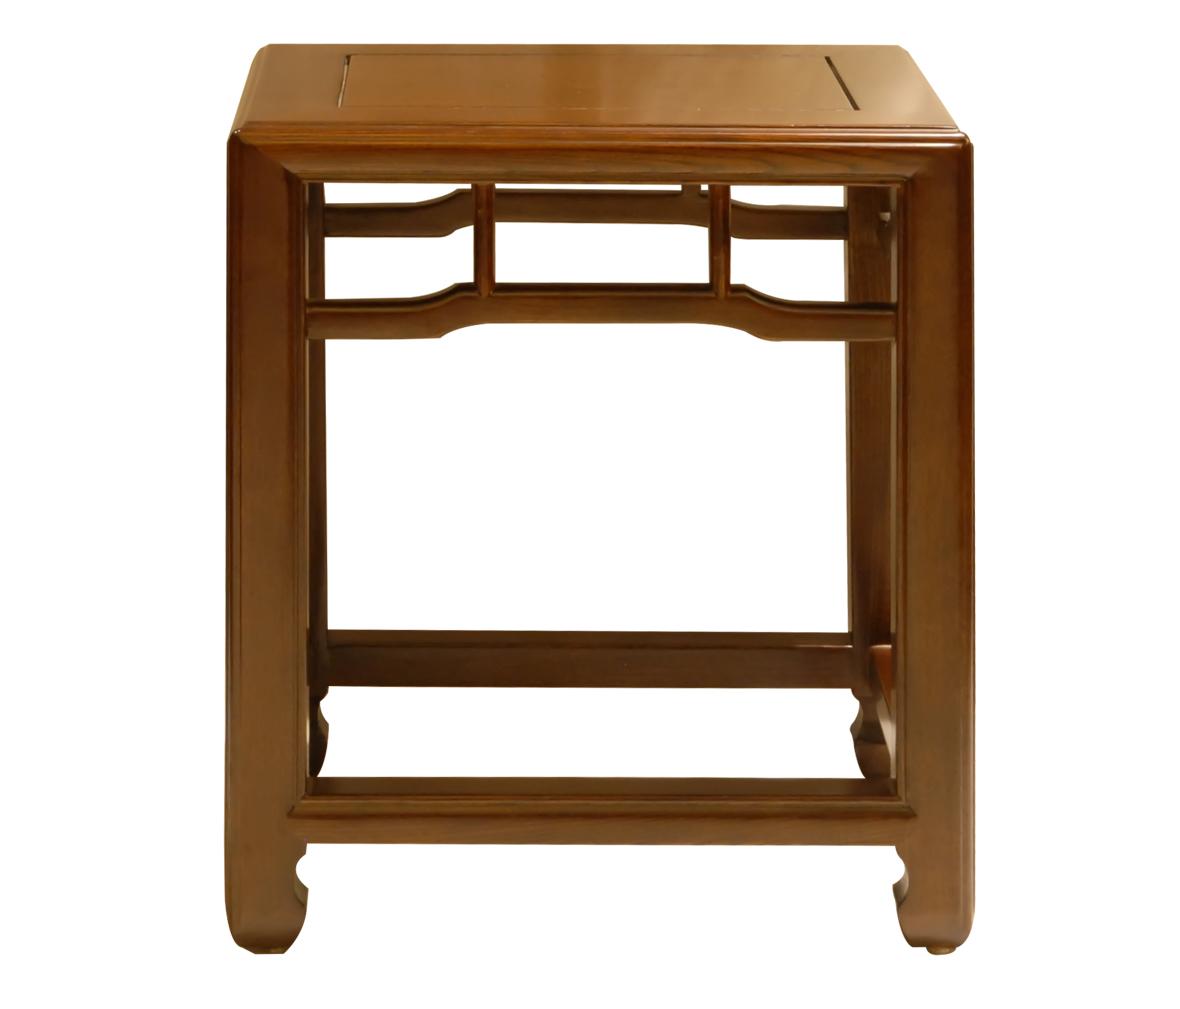 瑞尔家具 方凳 yd008型号 榆木材质 中式古典风格 明式造型风格